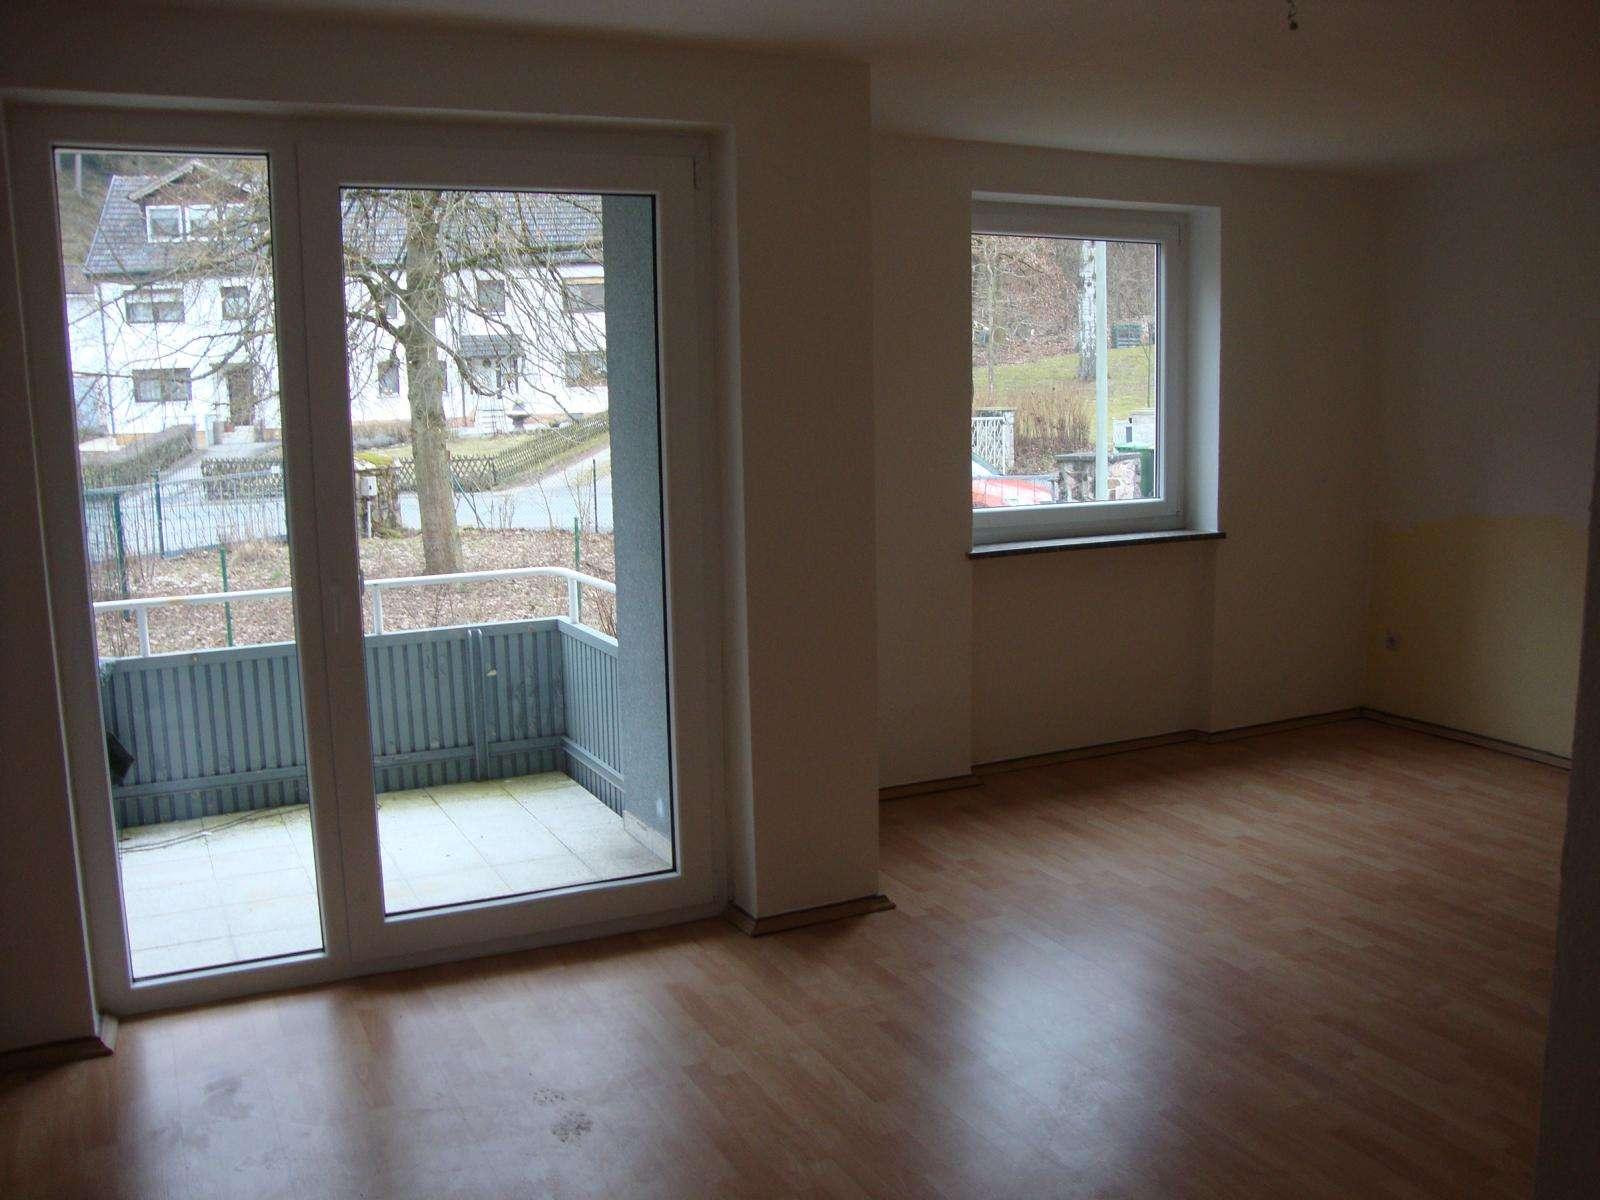 4-Zimmer | 83 m² | BALKON | Blick ins Grüne | Jetzt schnell sein! in Neustadt bei Coburg